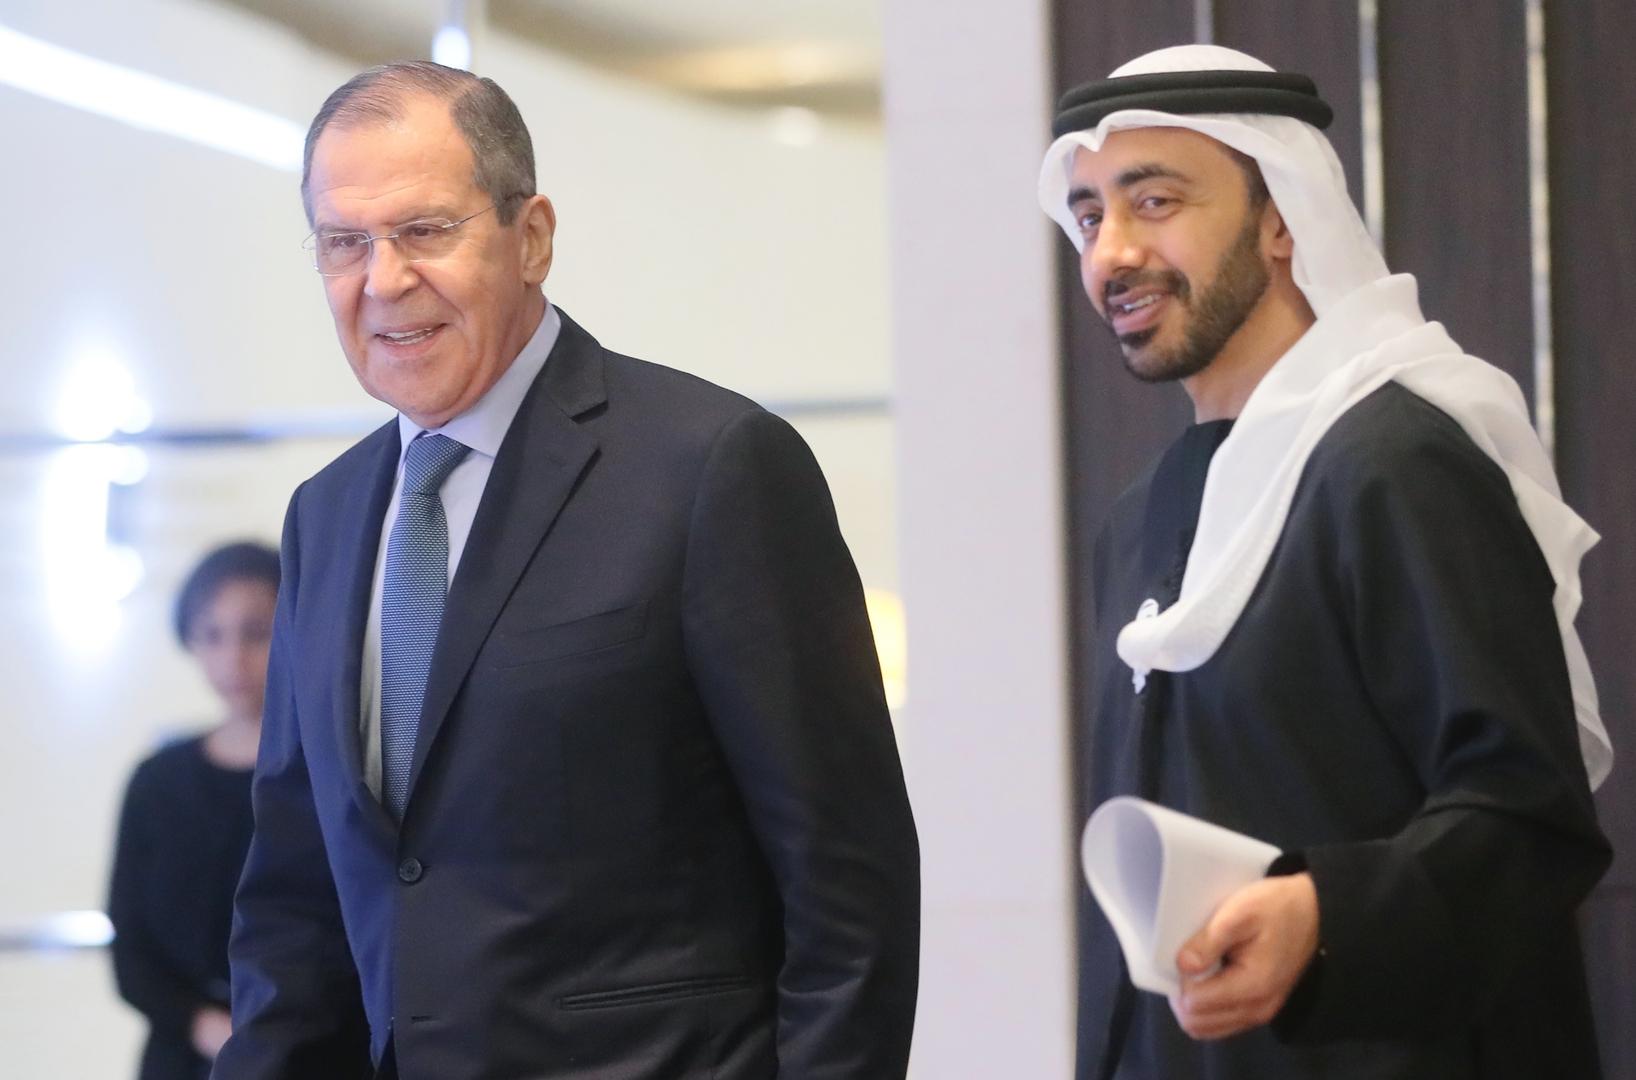 وزيرا الخارجية الروسي والإماراتي سيرغي لافروف وعبد الله بن زايد آل نهيان - صورة أرشيفية